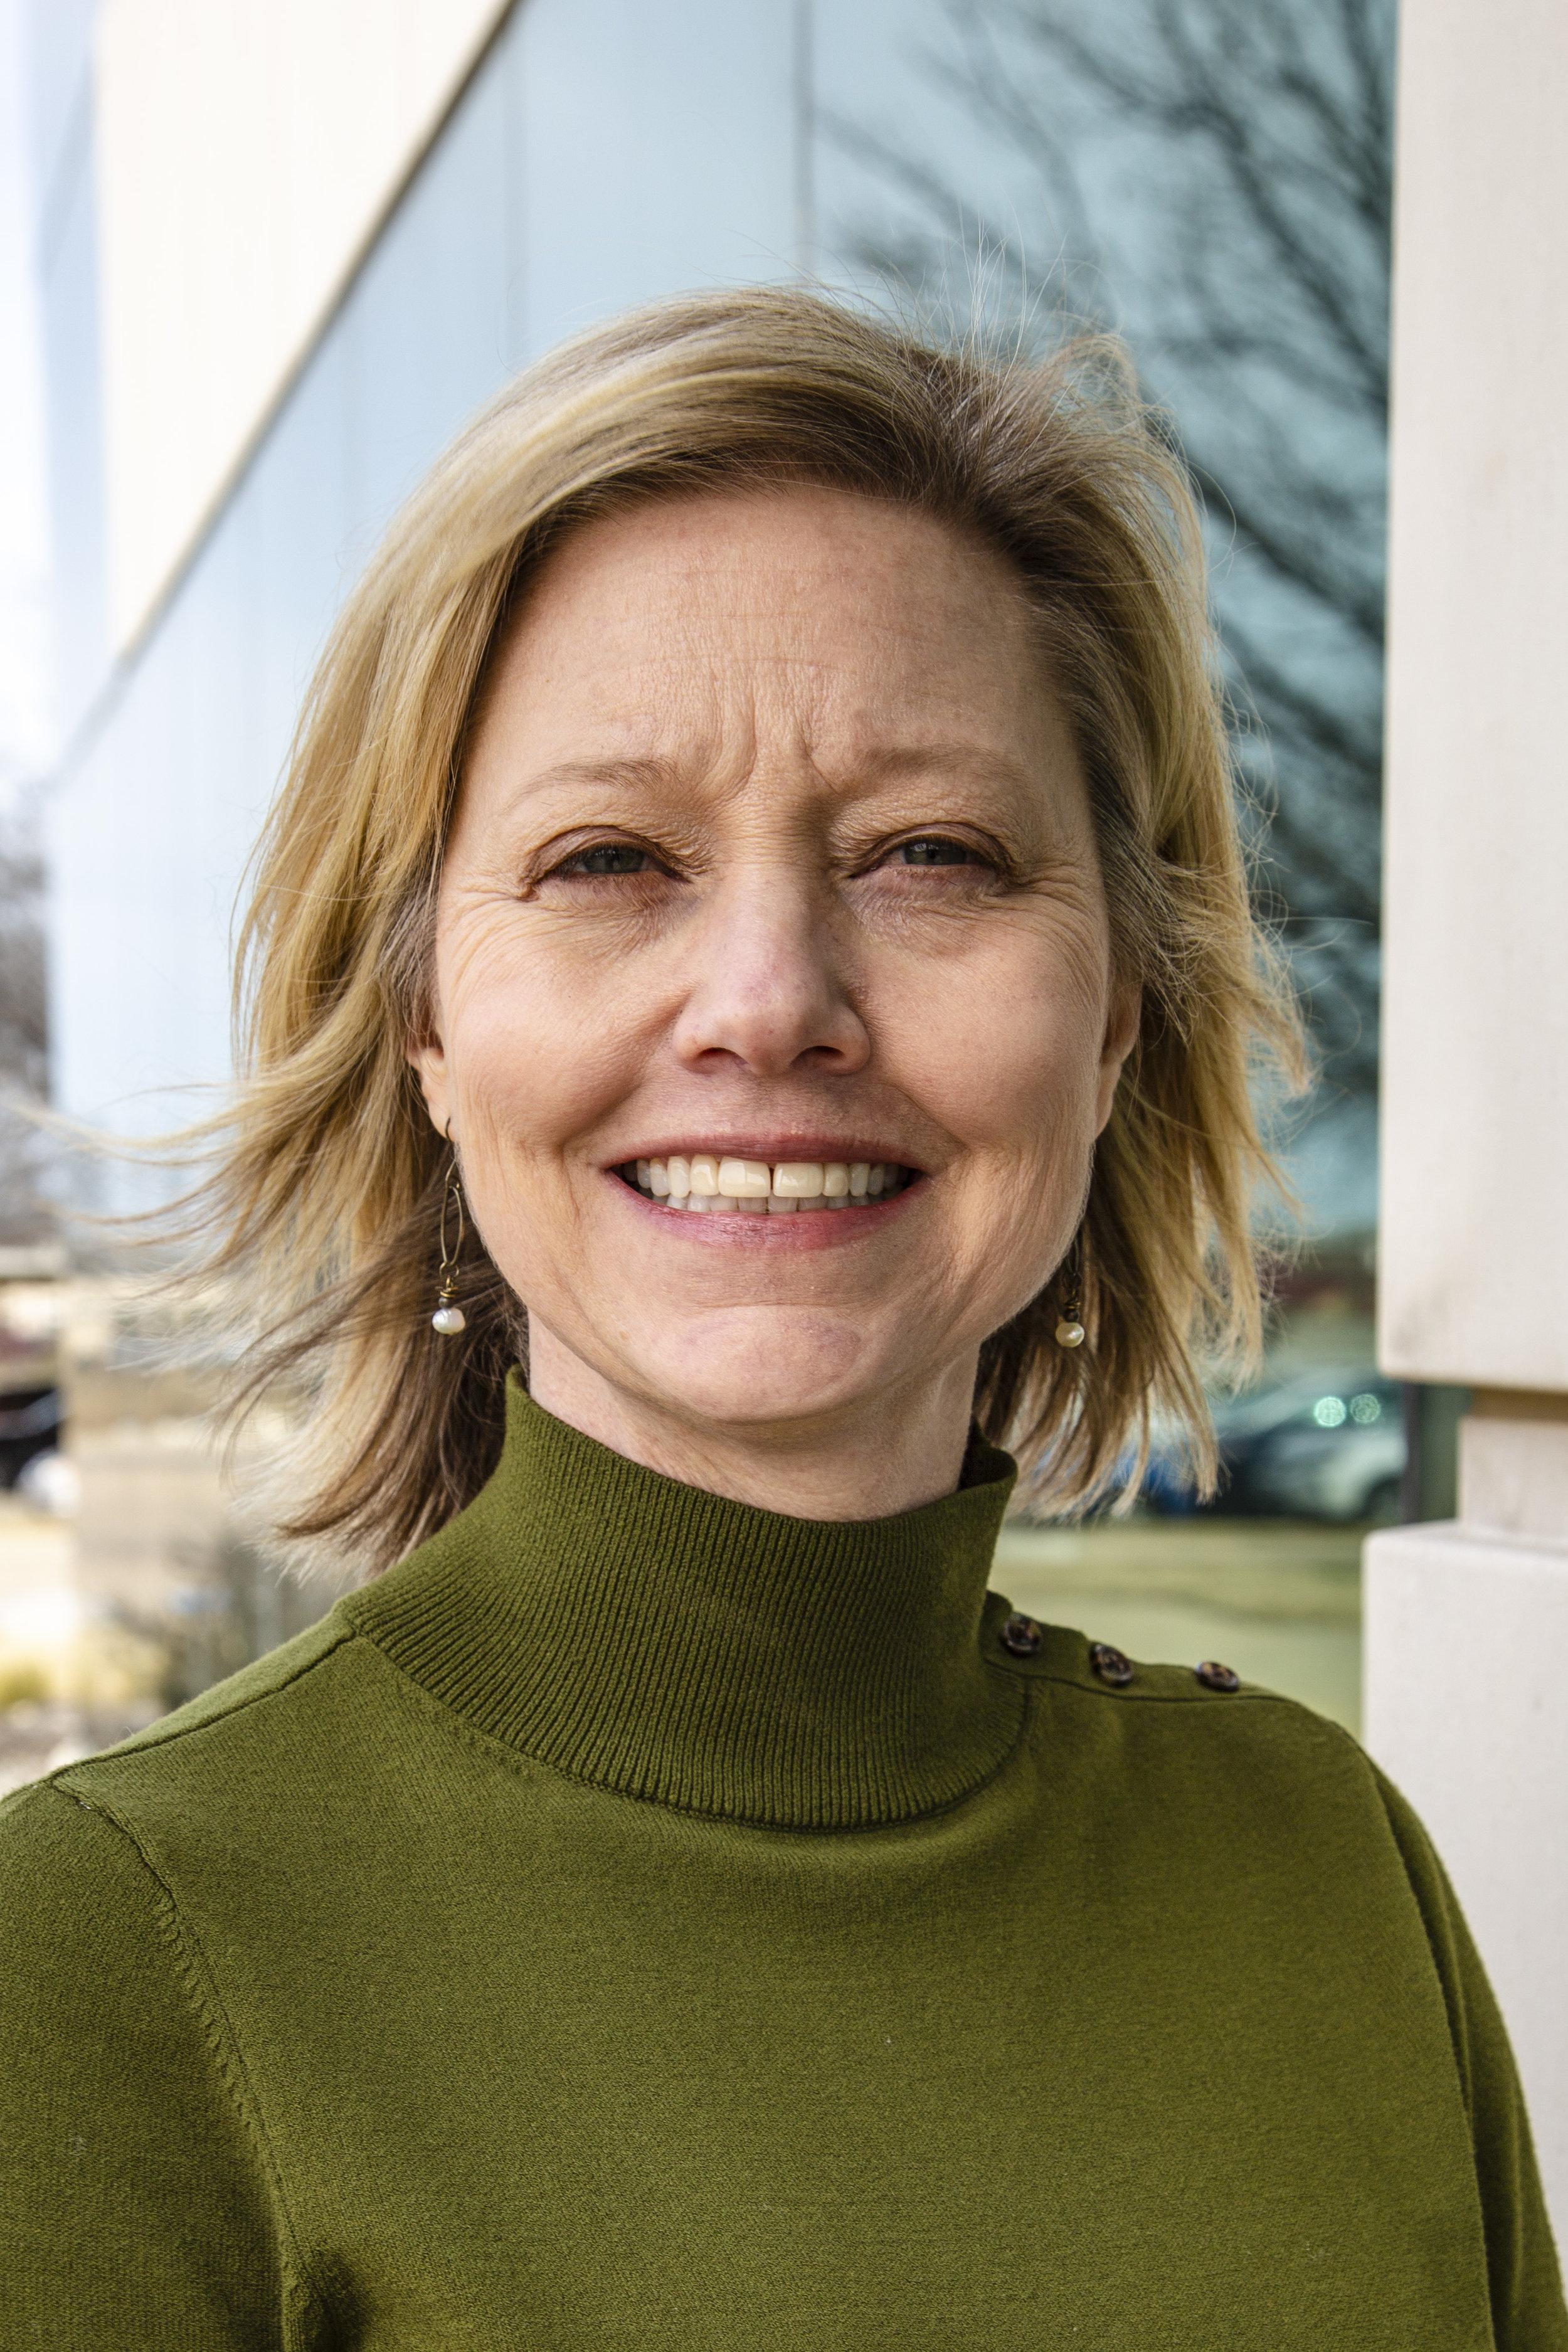 Lisa Allard - Business Manager / HR